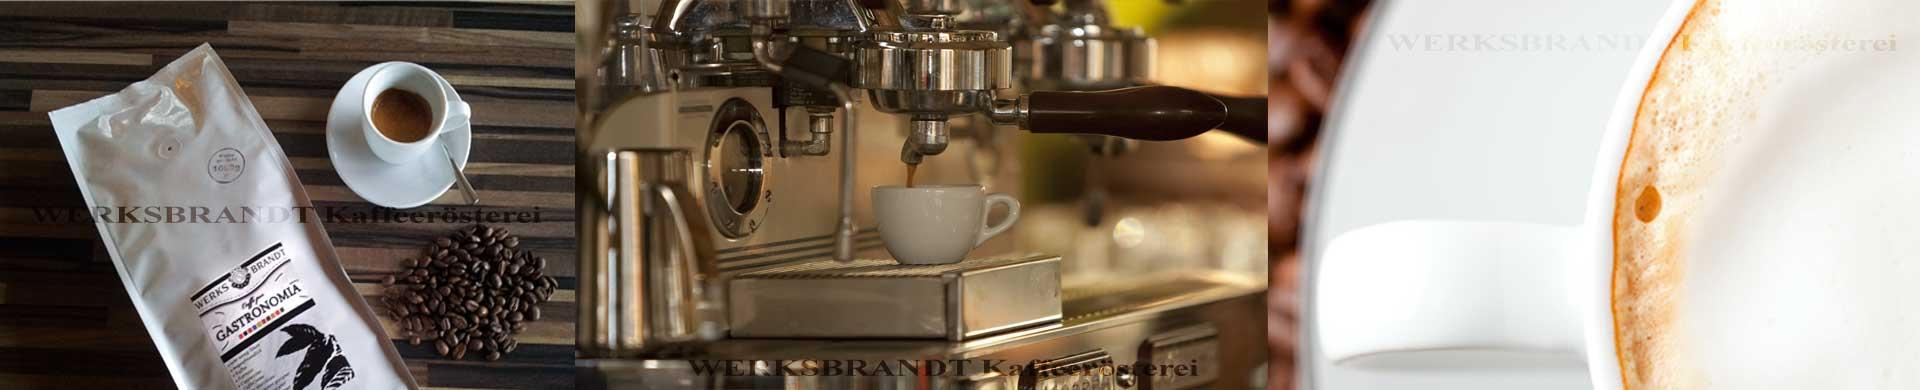 WERKSBRANDT Kaffeerösterei Impressionen Kaffeemaschine Espressomaschine Kaffeebohnen Cappuccino